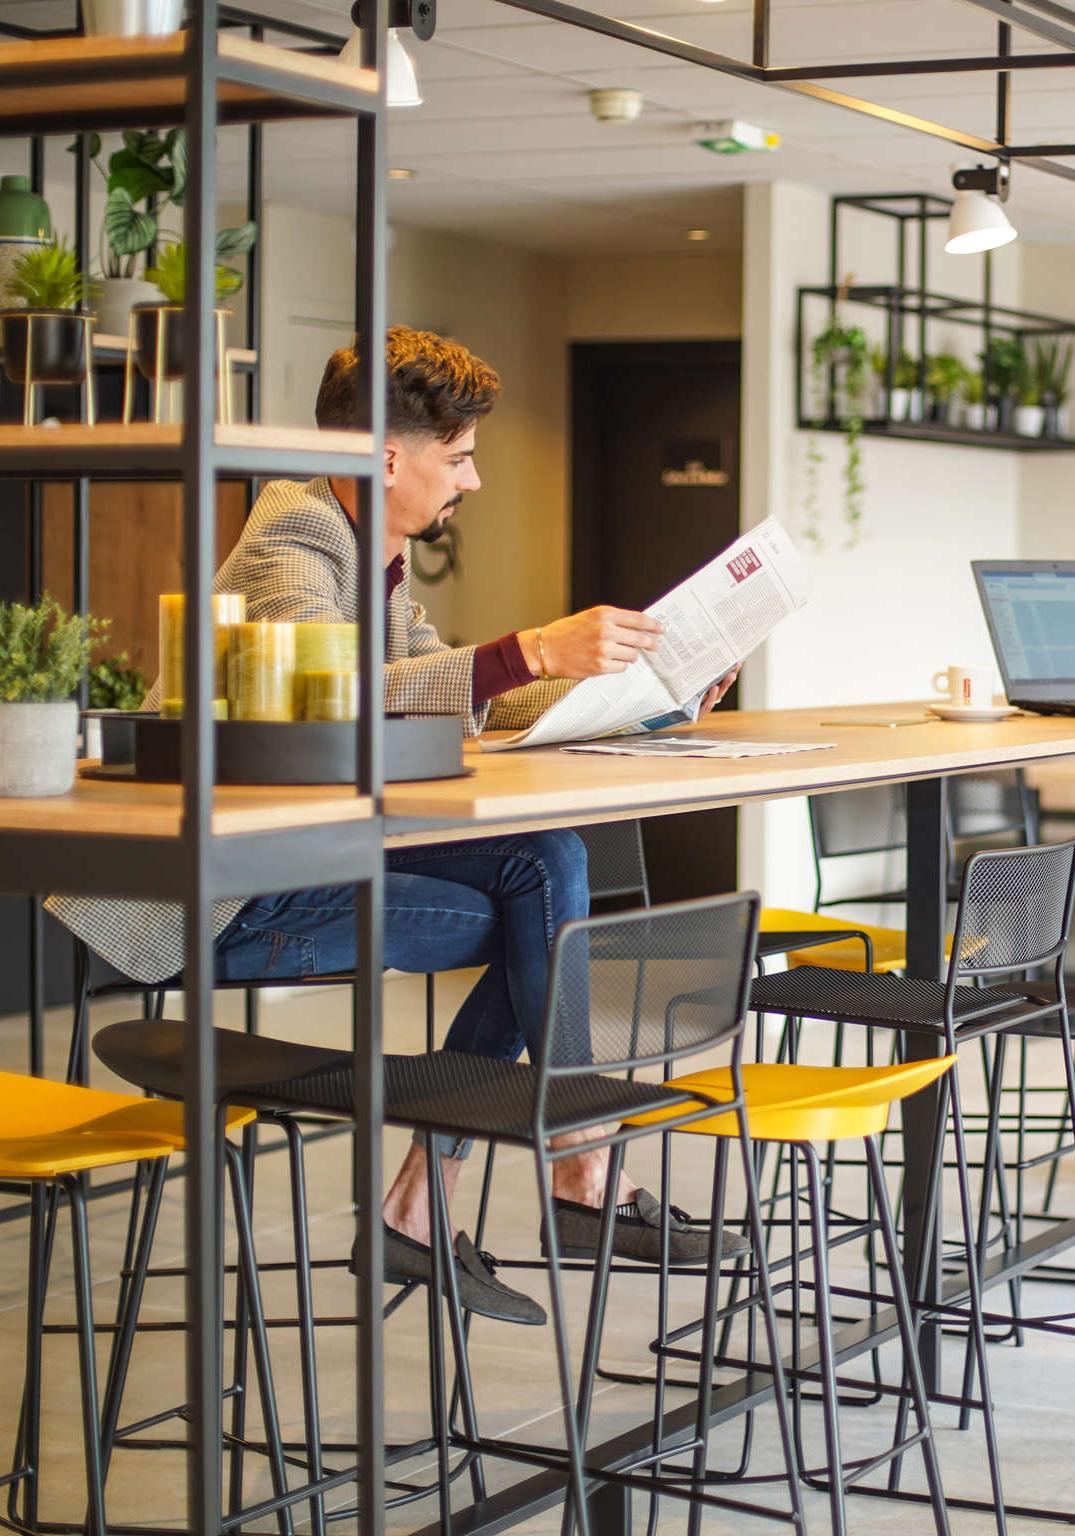 Agencement et décoration de l'espace bar dans un style industriel, concept Plaza